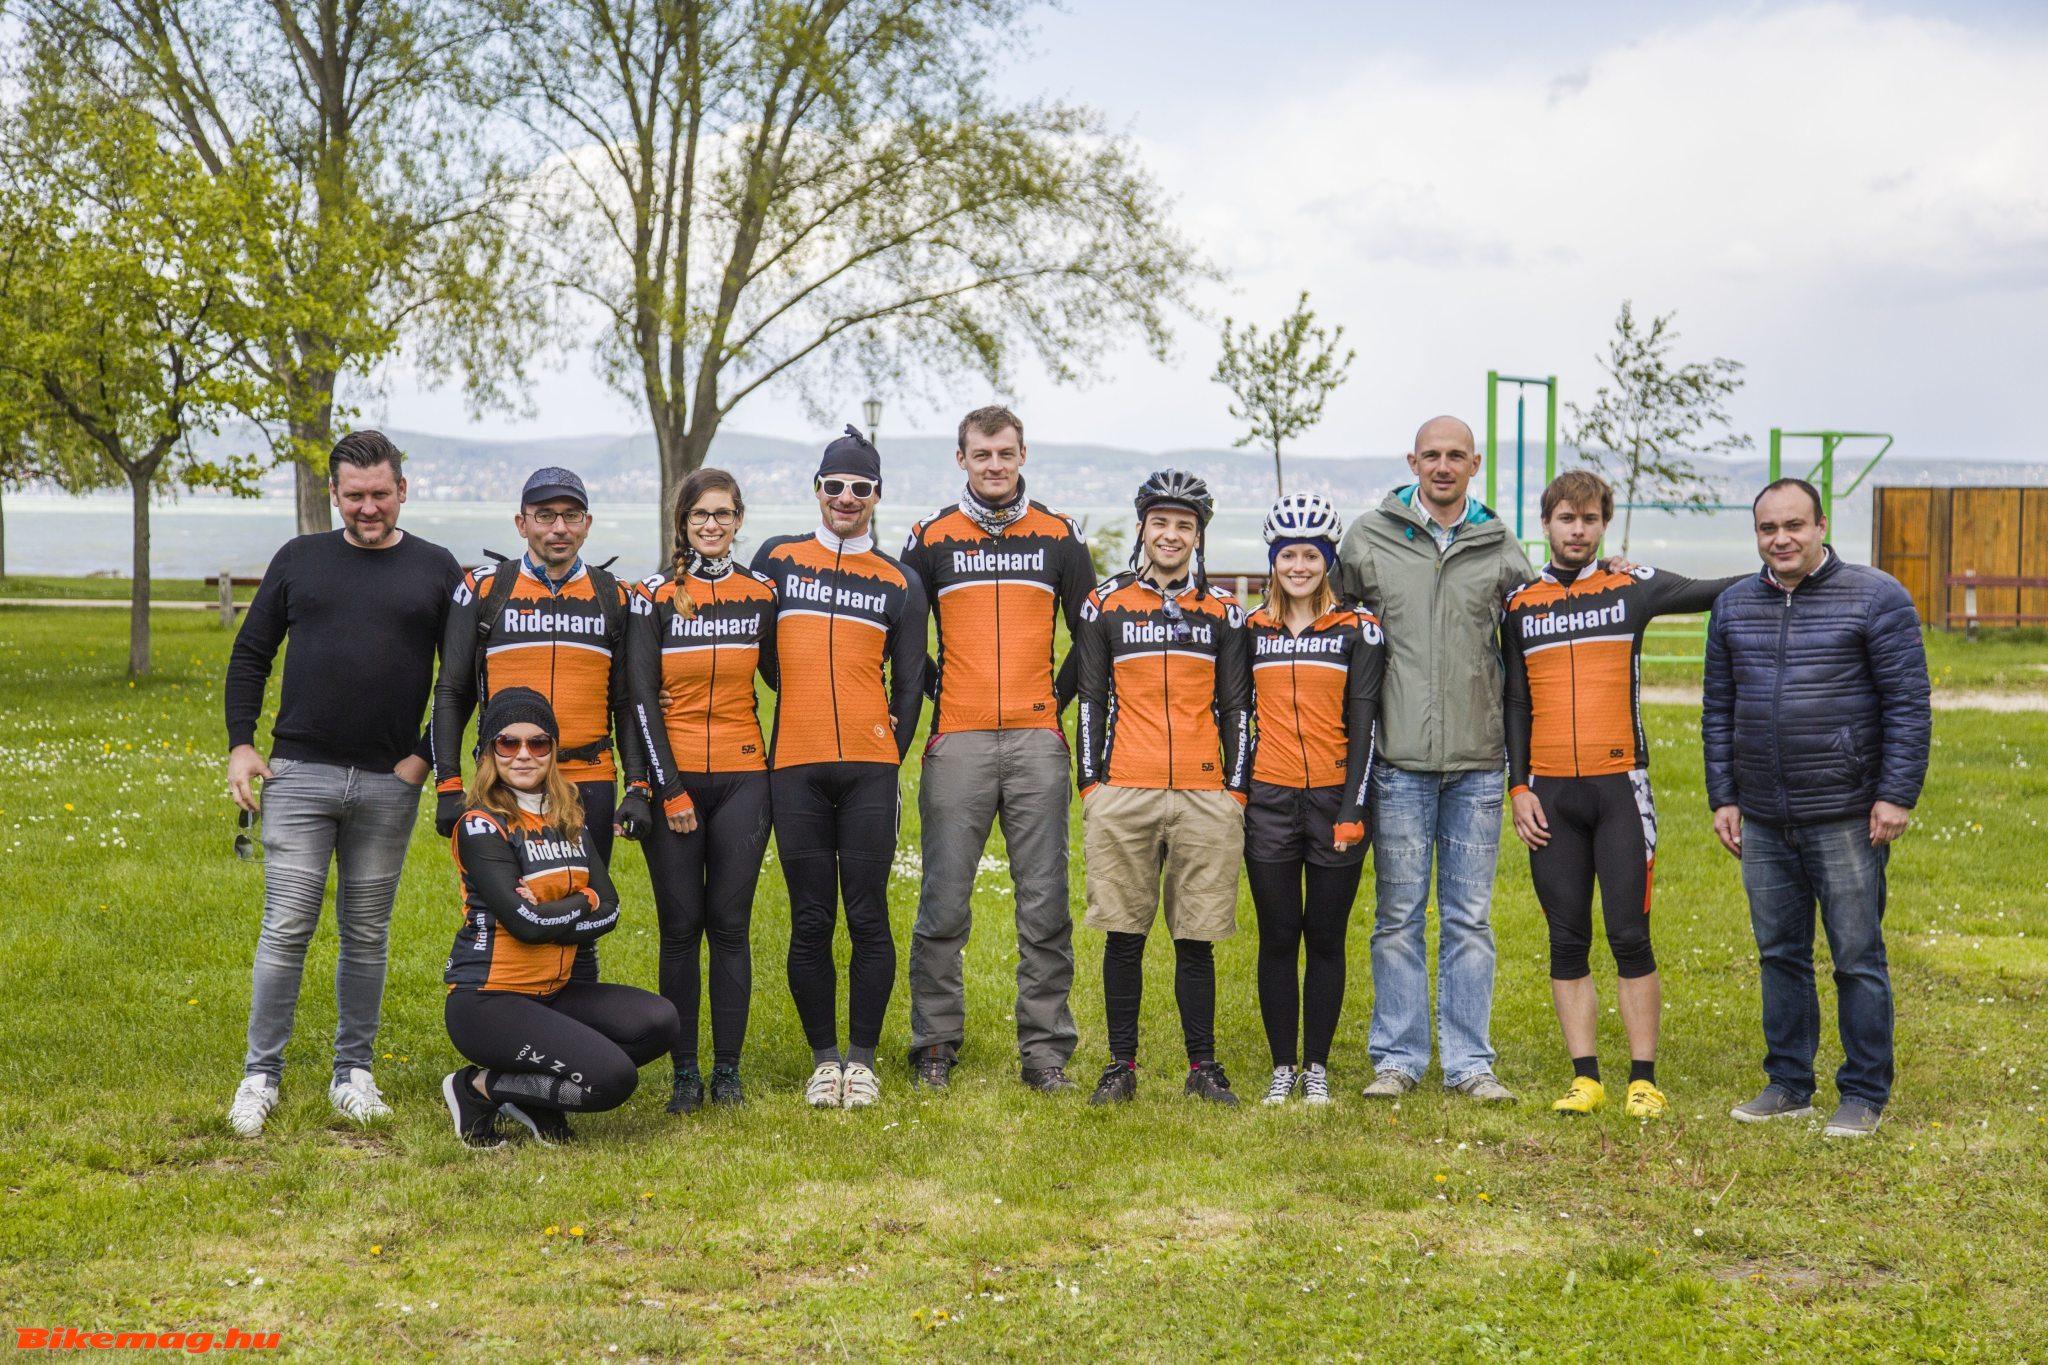 Bodrogi Laci és Nico Mattan Zamárdiban, a RideHard.hu-Bikemag.hu teszttábor csapatával (Fotó: Takács Tamás)